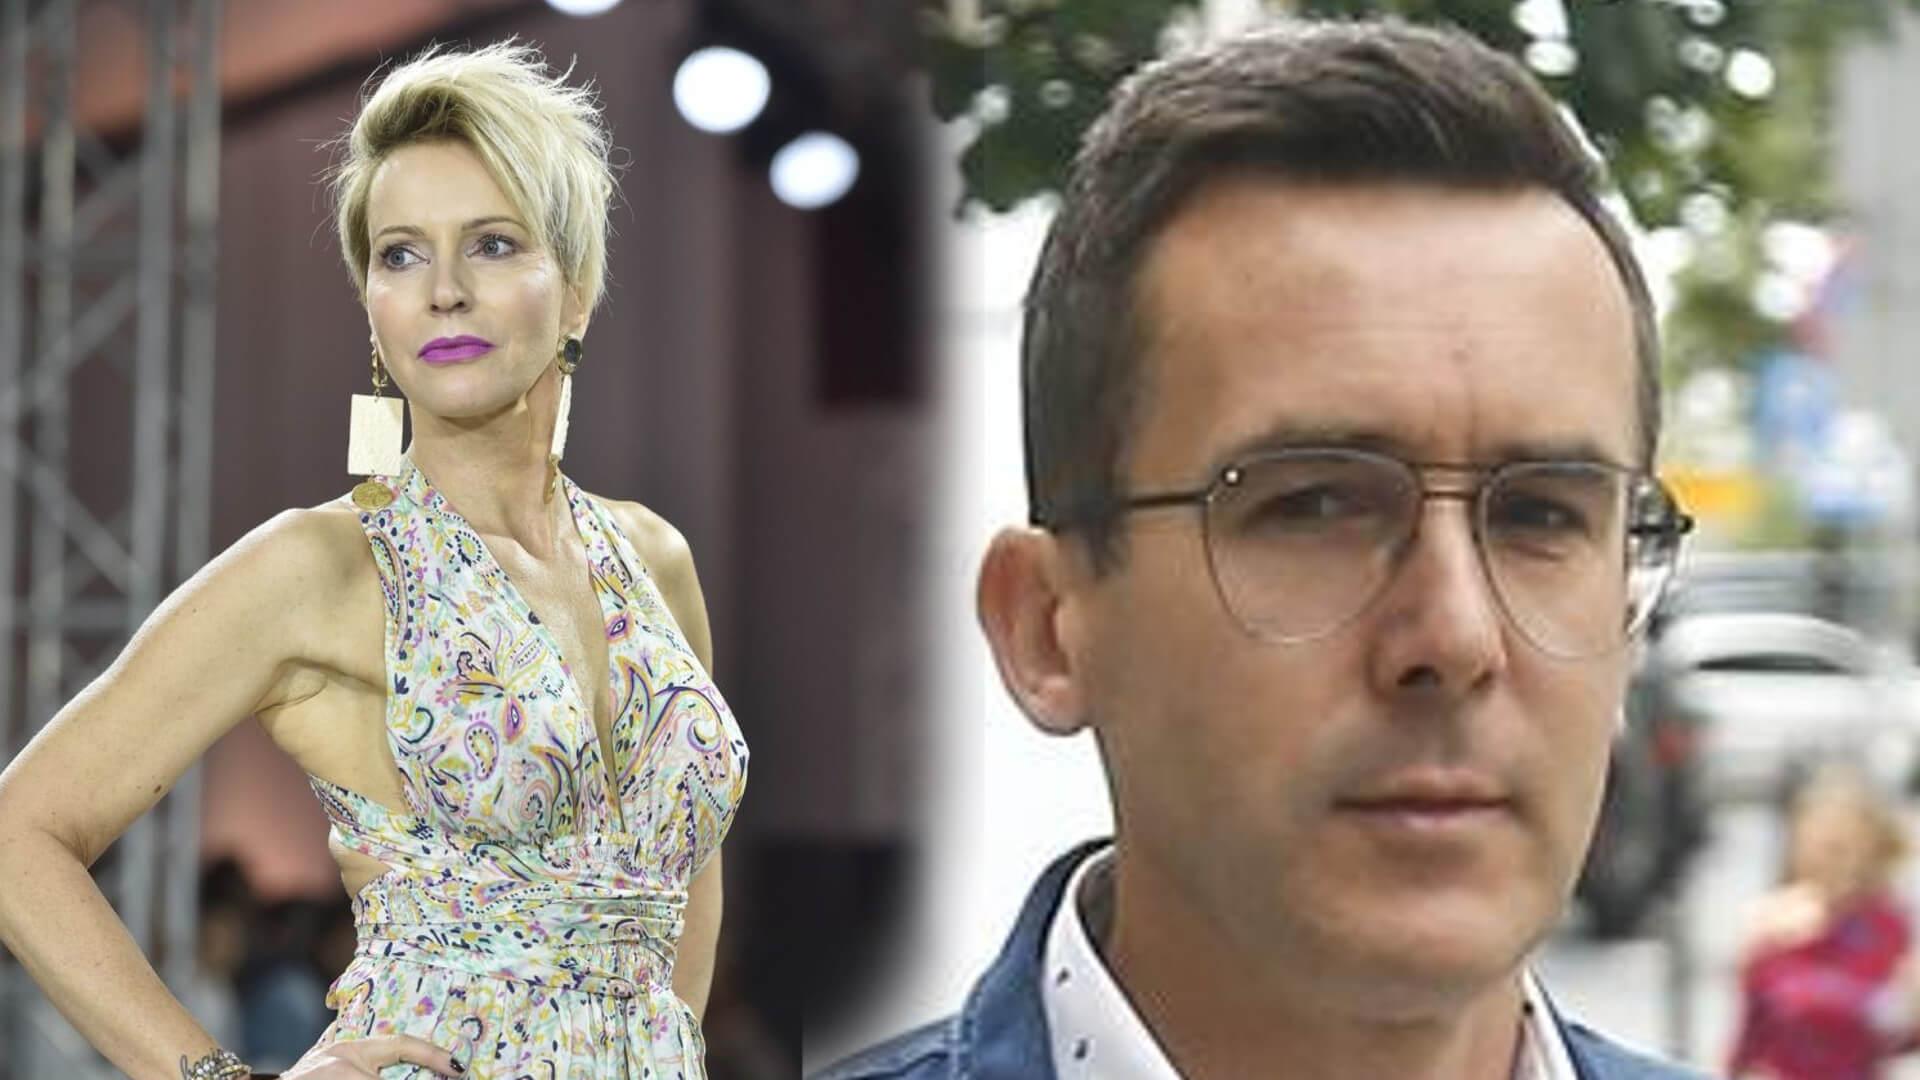 Smaszcz-Kurzajewska robi z mężem DZIWNE rzeczy po rozwodzie